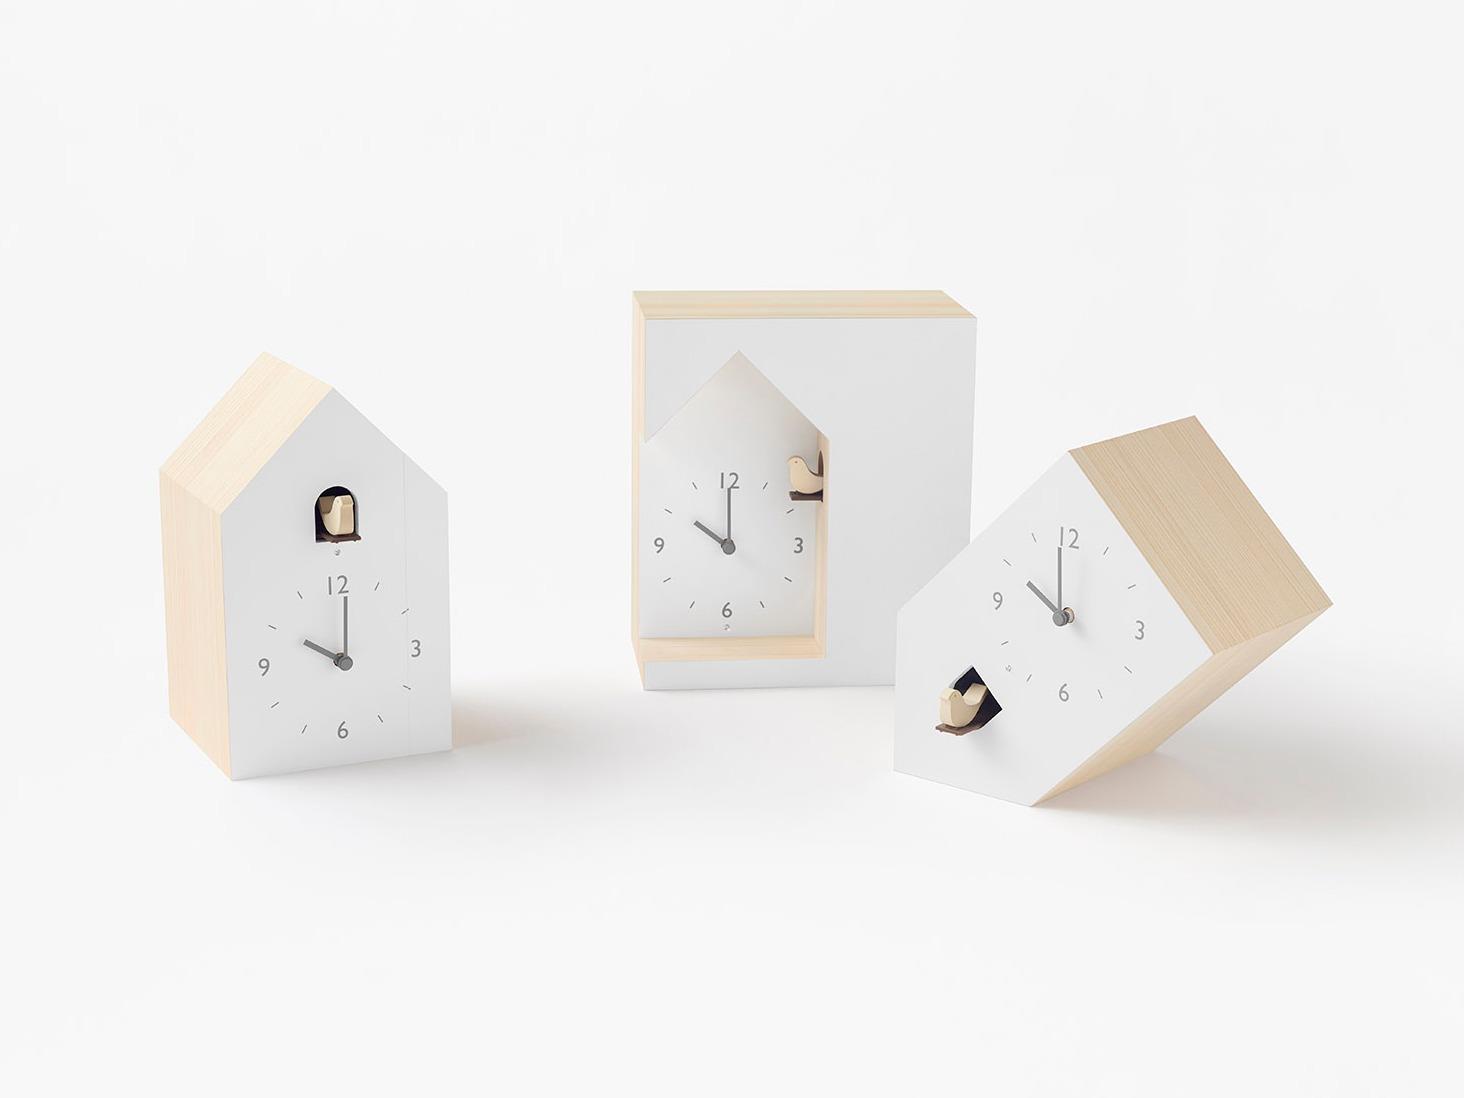 布谷鸟钟:非传统布谷鸟钟设计